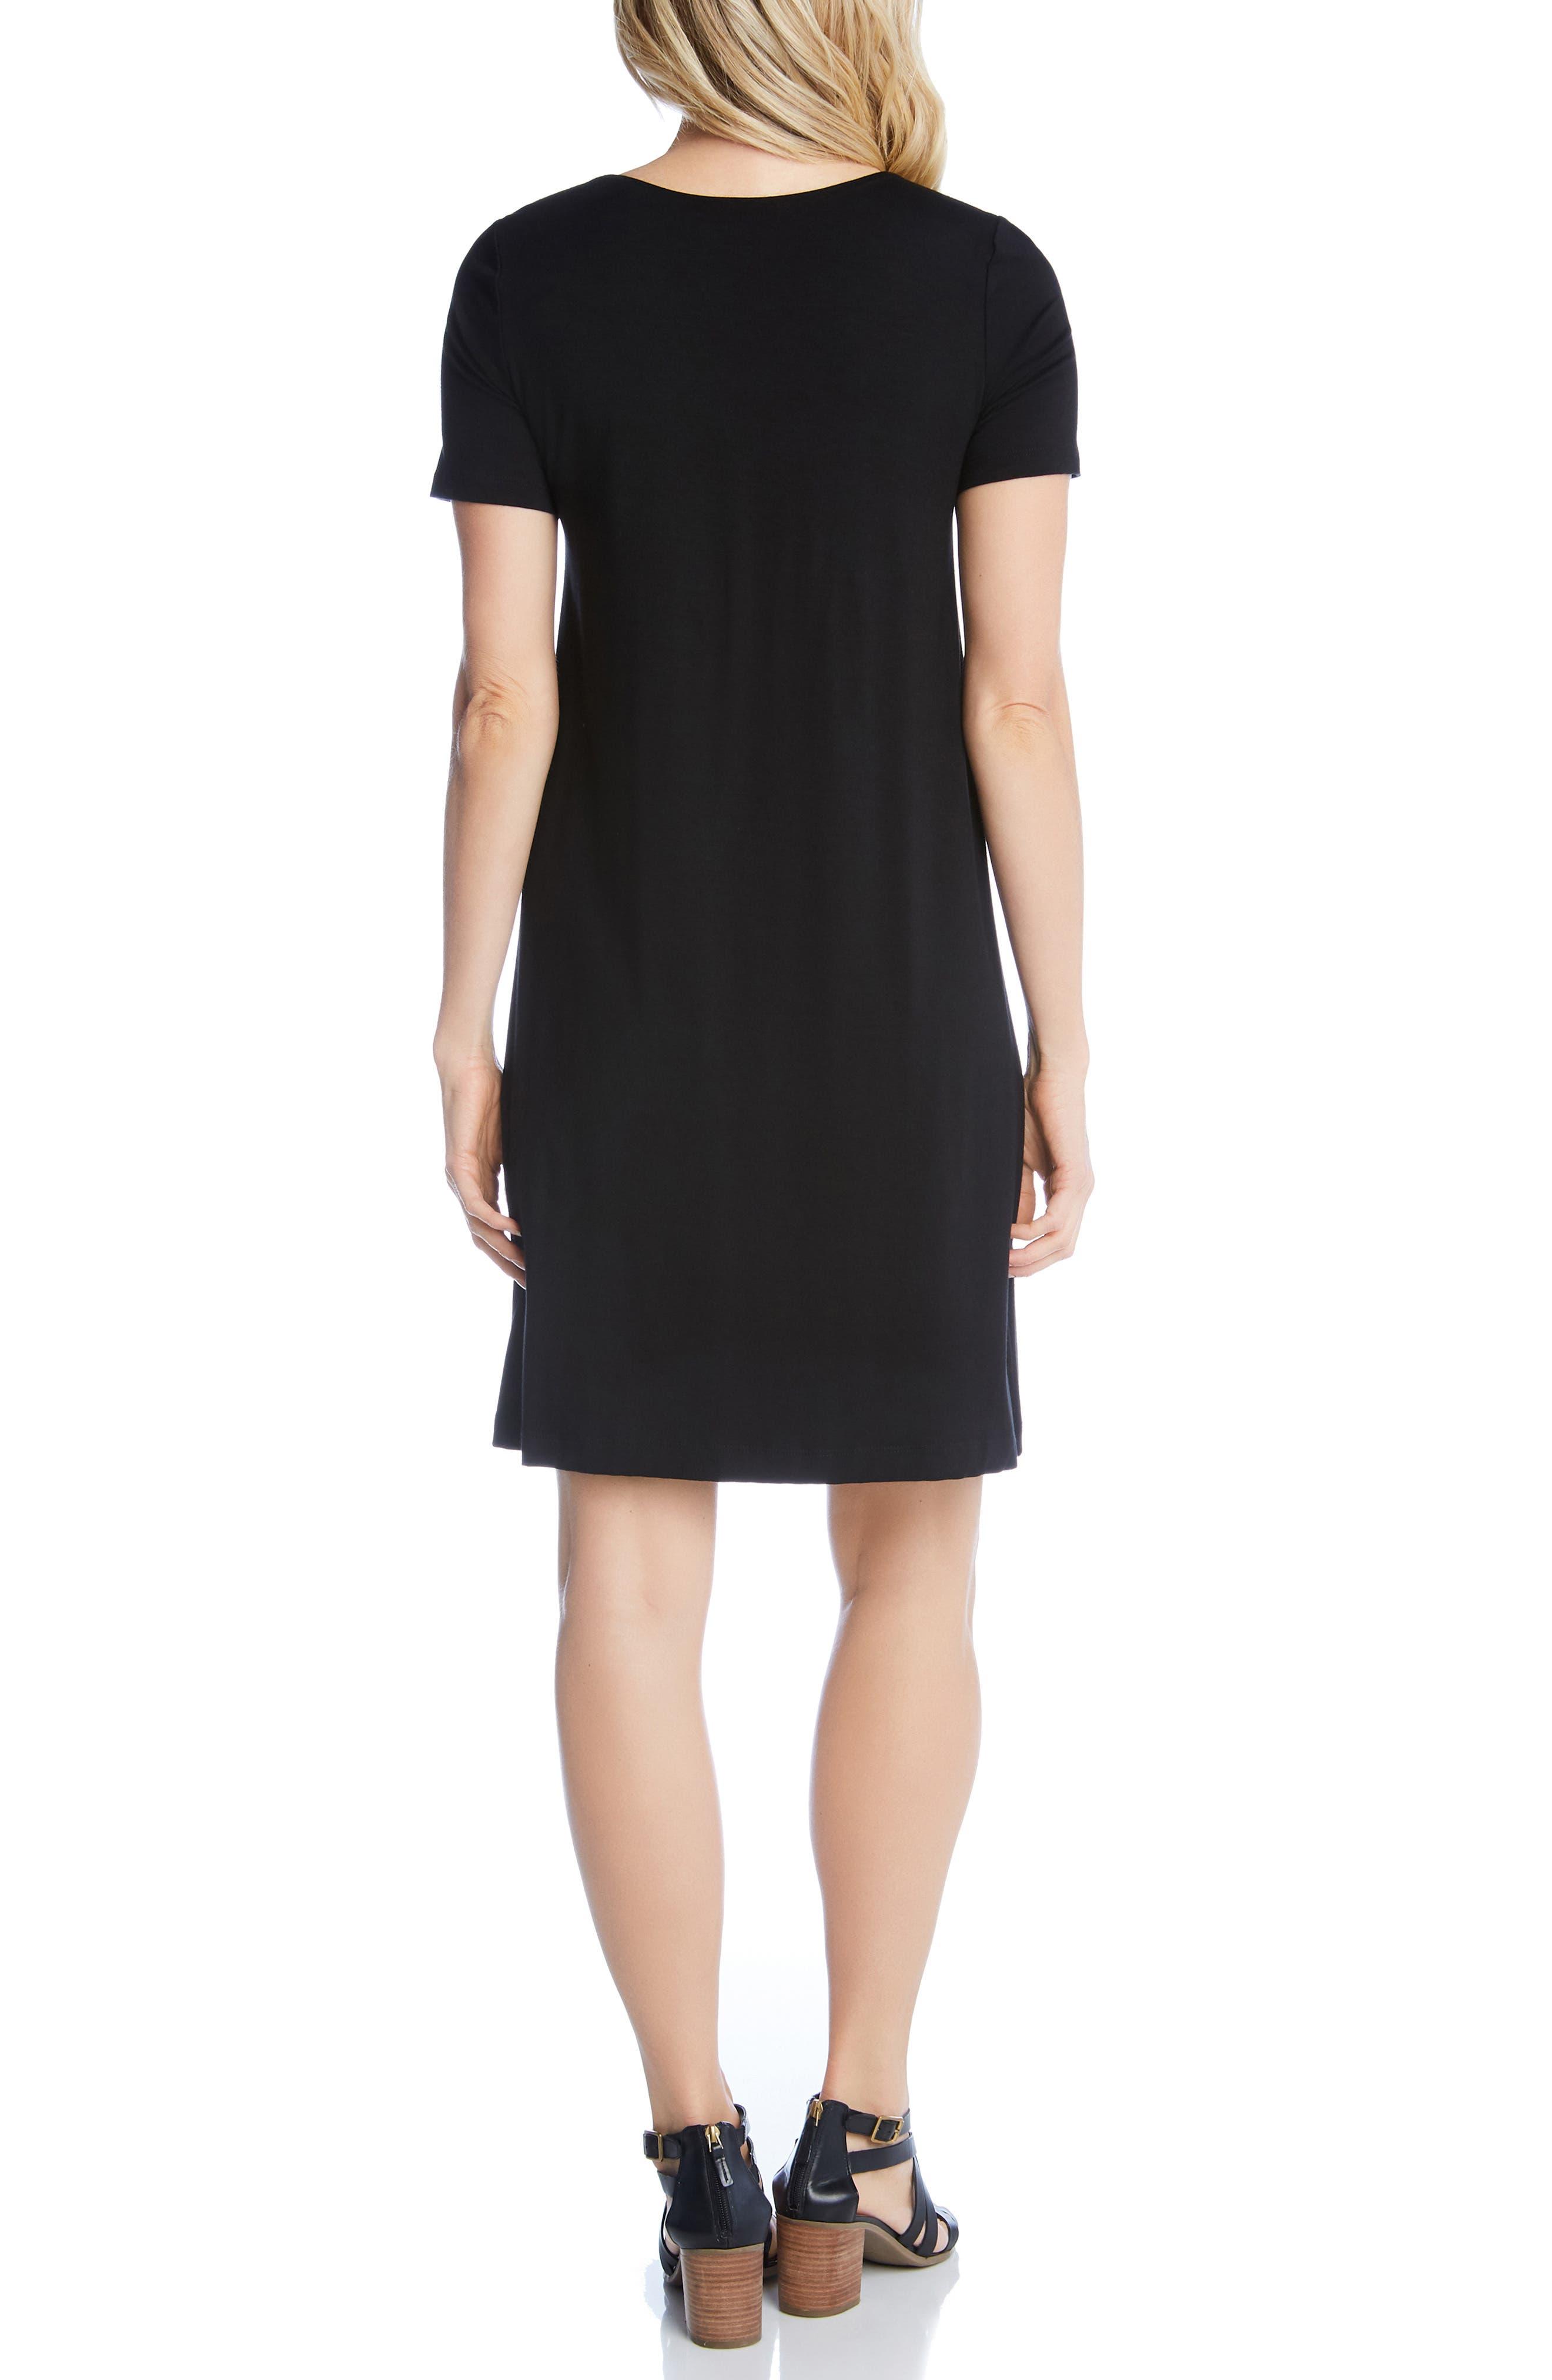 KAREN KANE, Abby T-Shirt Dress, Alternate thumbnail 2, color, BLACK